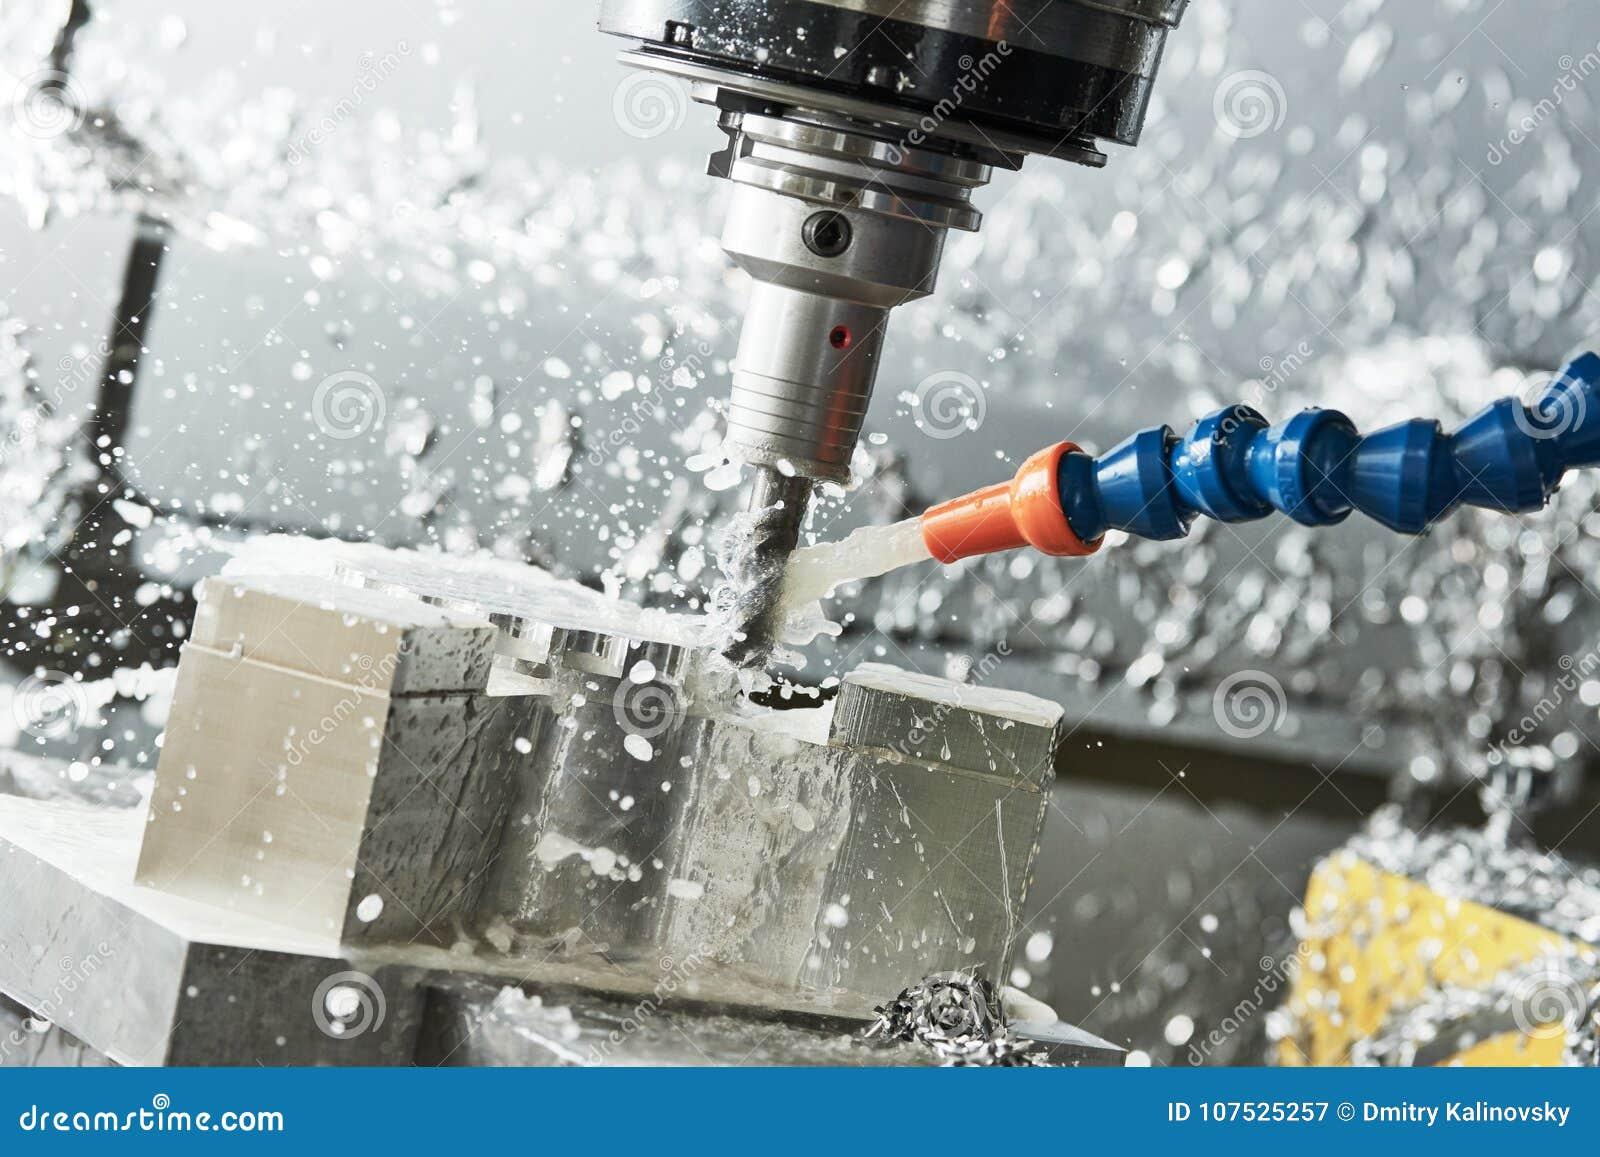 Processus métallurgique de fraisage Métal industriel de commande numérique par ordinateur usinant par le moulin vertical